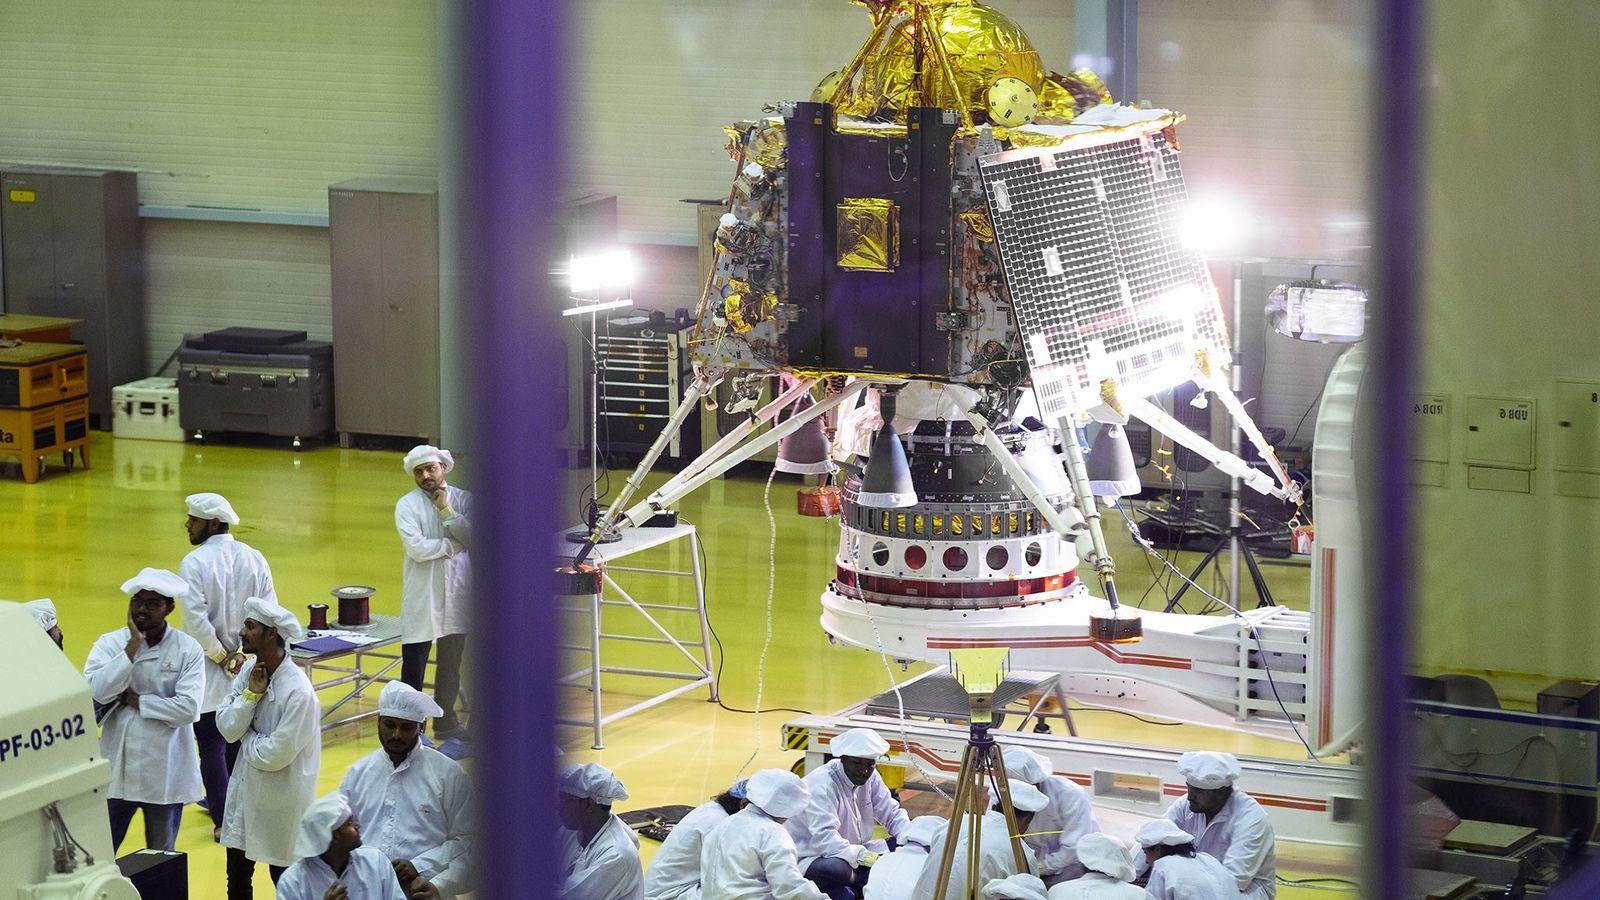 Des scientifiques et des employés s'affairent autour de Vikram, le module lunaire de Chandrayaan-2, dans un ...